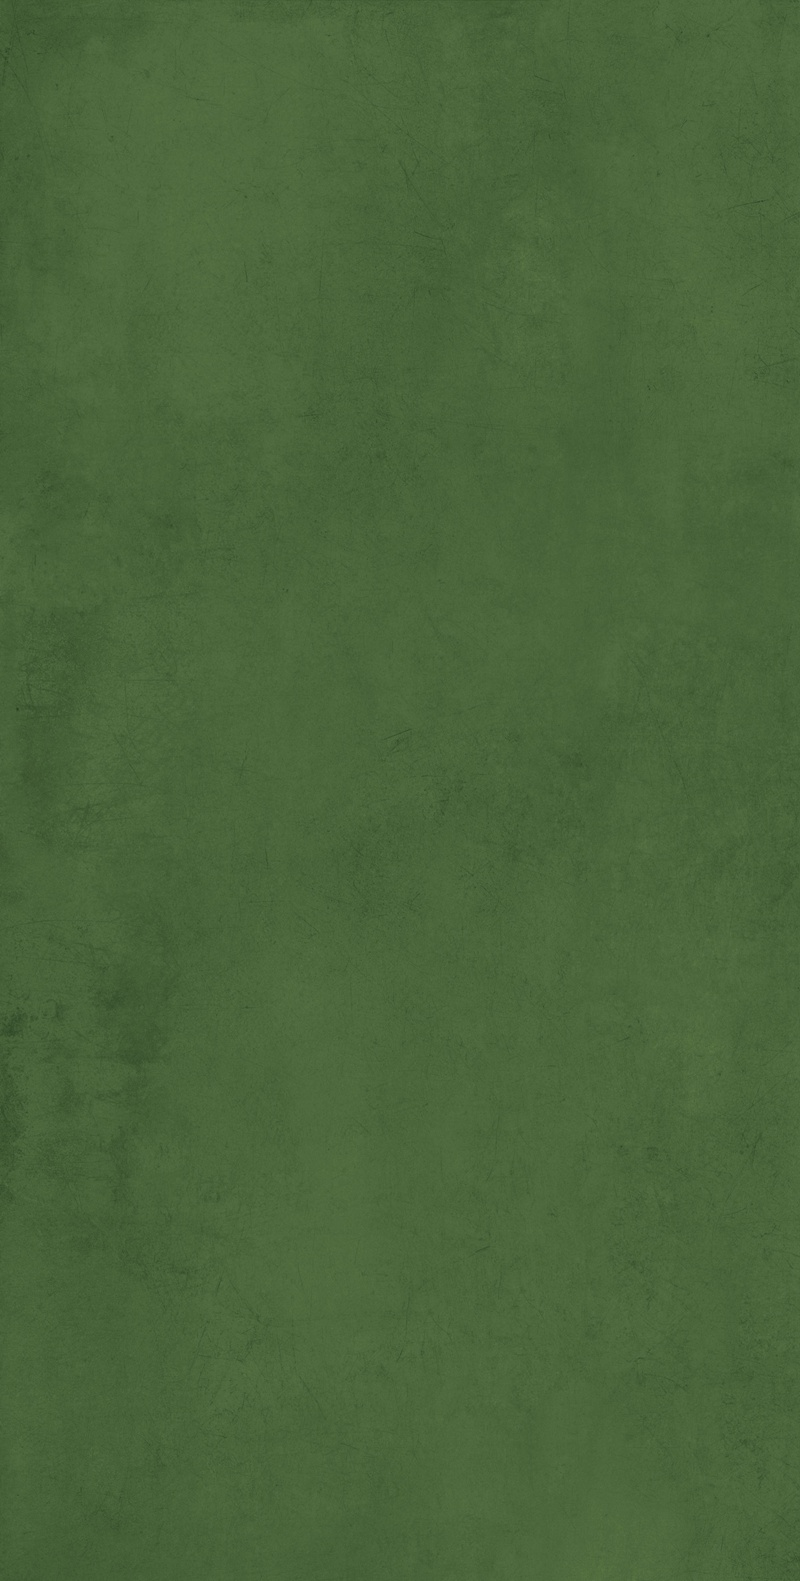 青苔绿 XKS189038